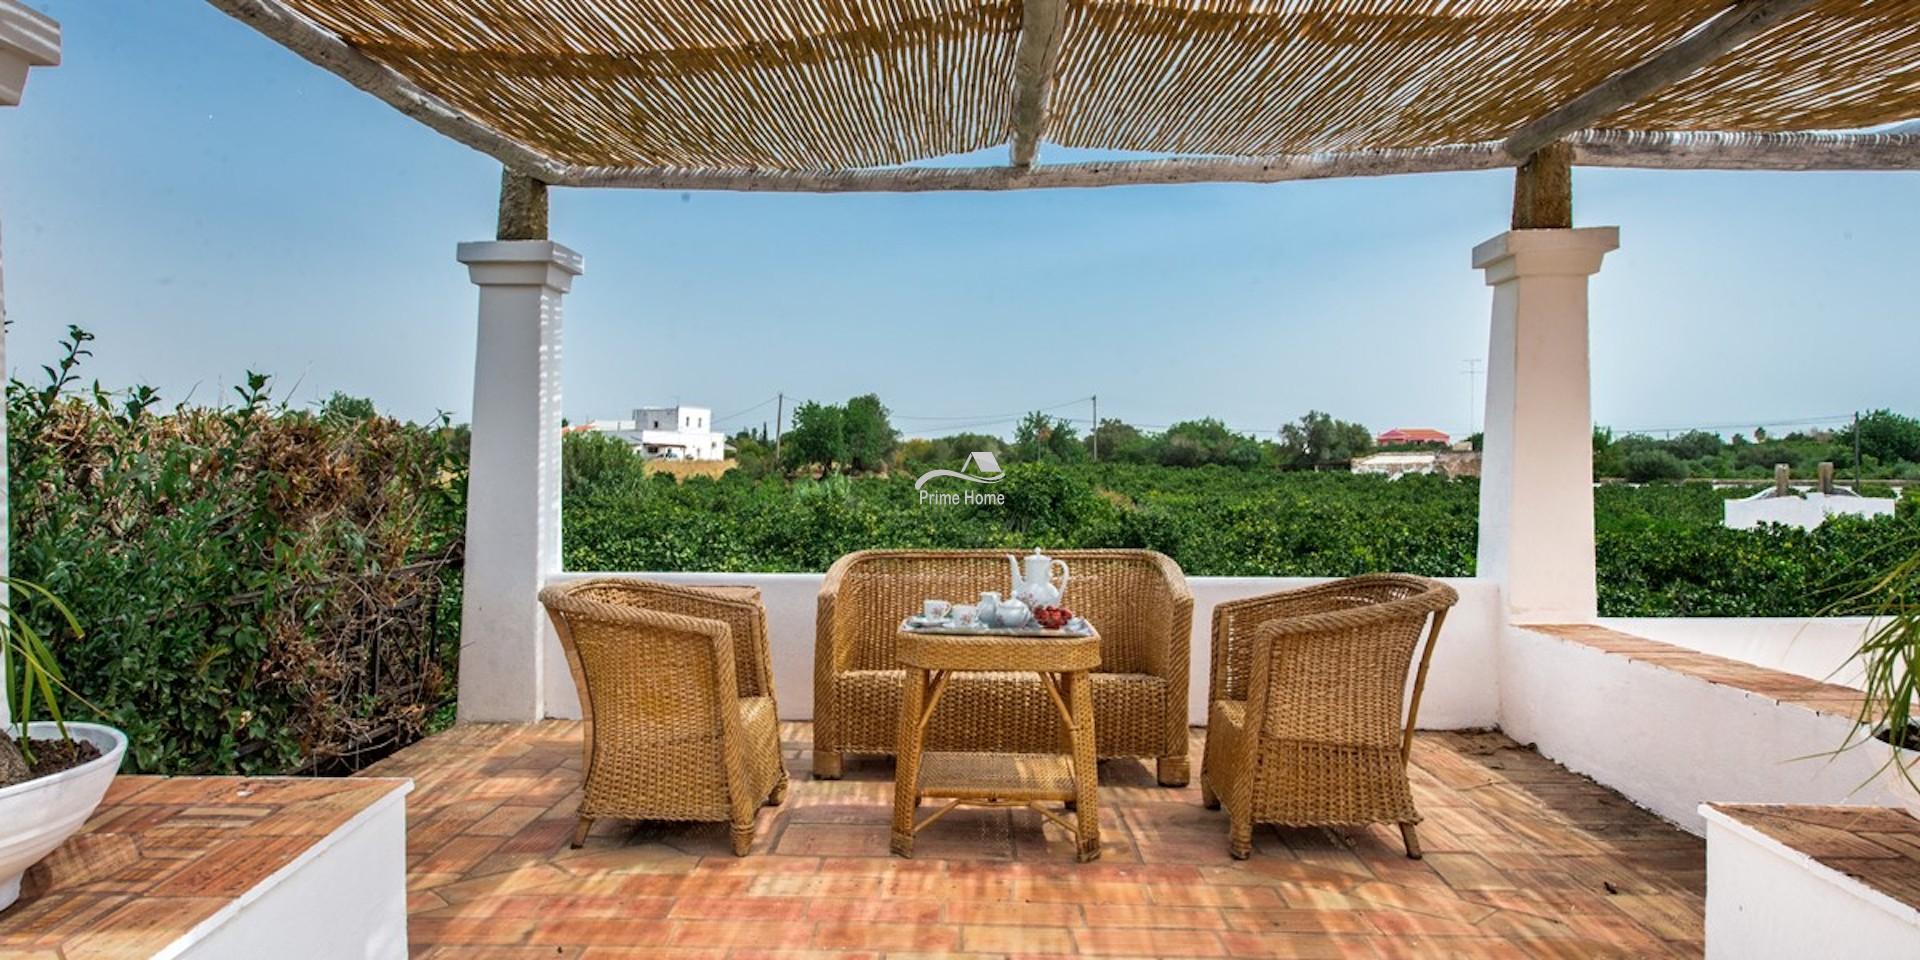 9 Bedroom Property For Sale In Fuzeta Algarve Portugal (29)